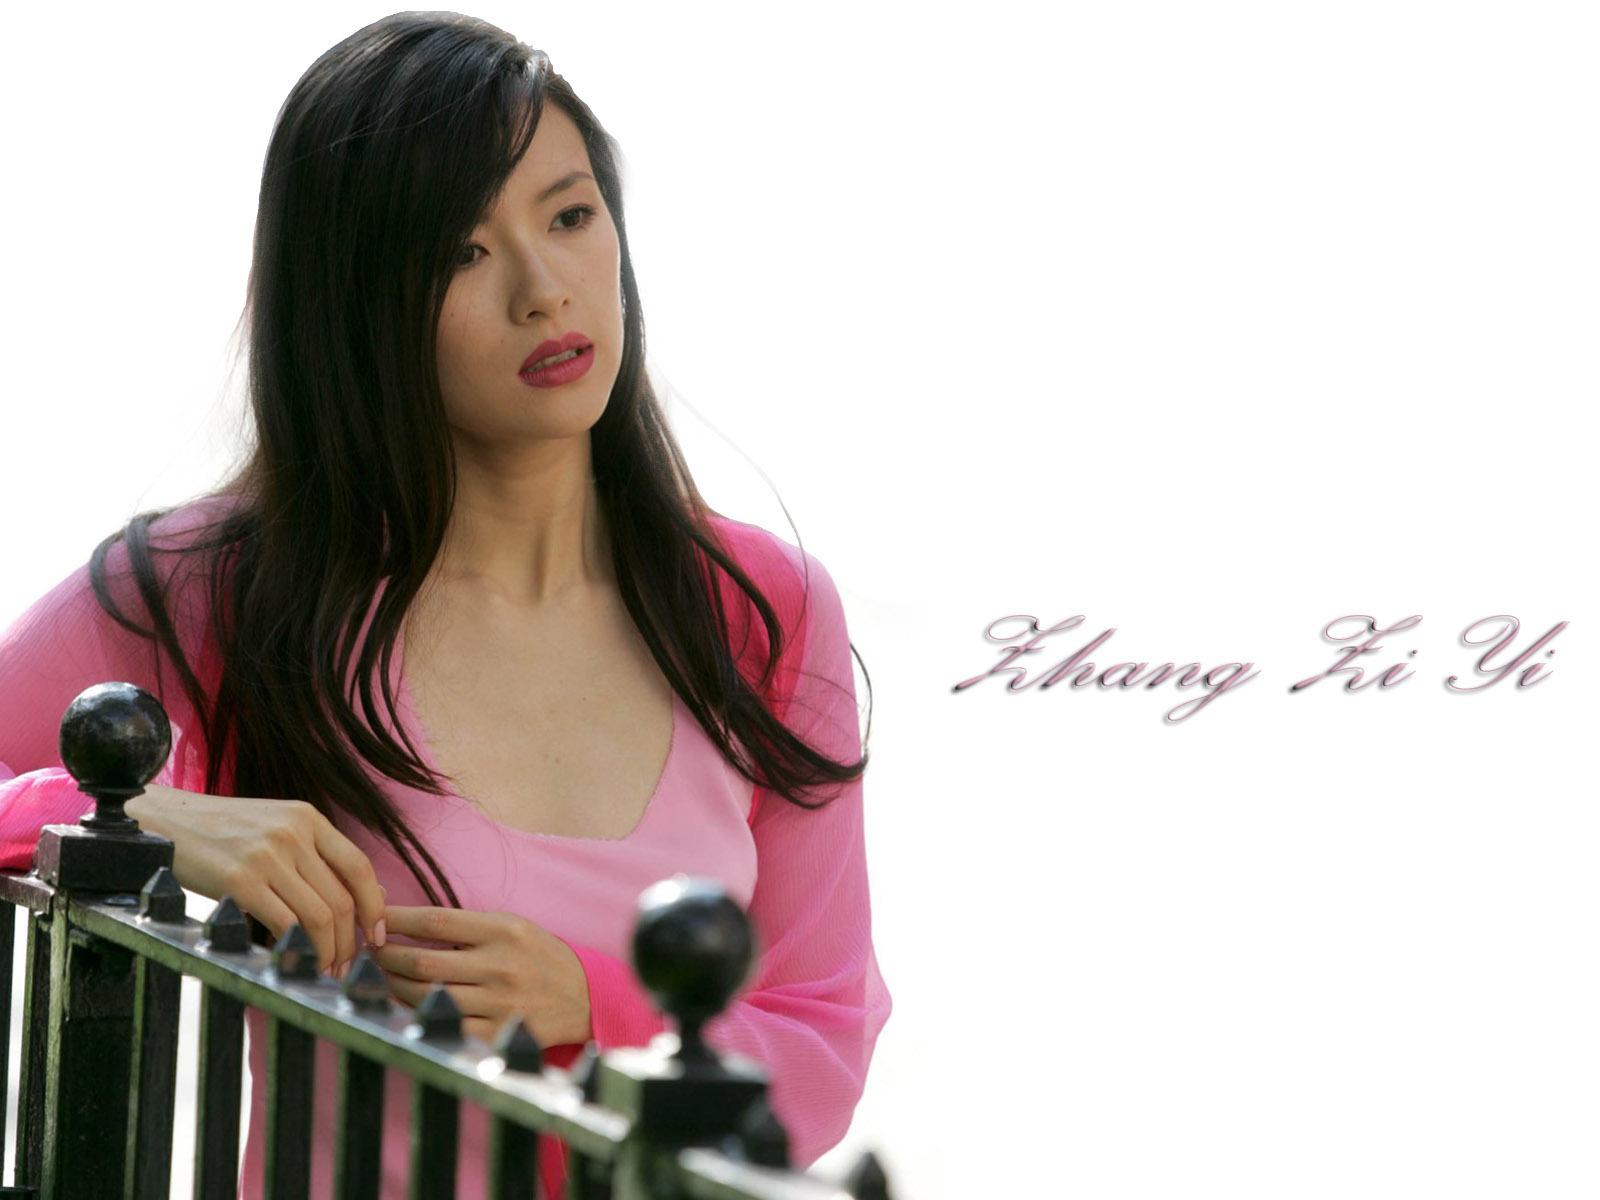 Big breasted sister zhang qianlin 1 - 3 part 5